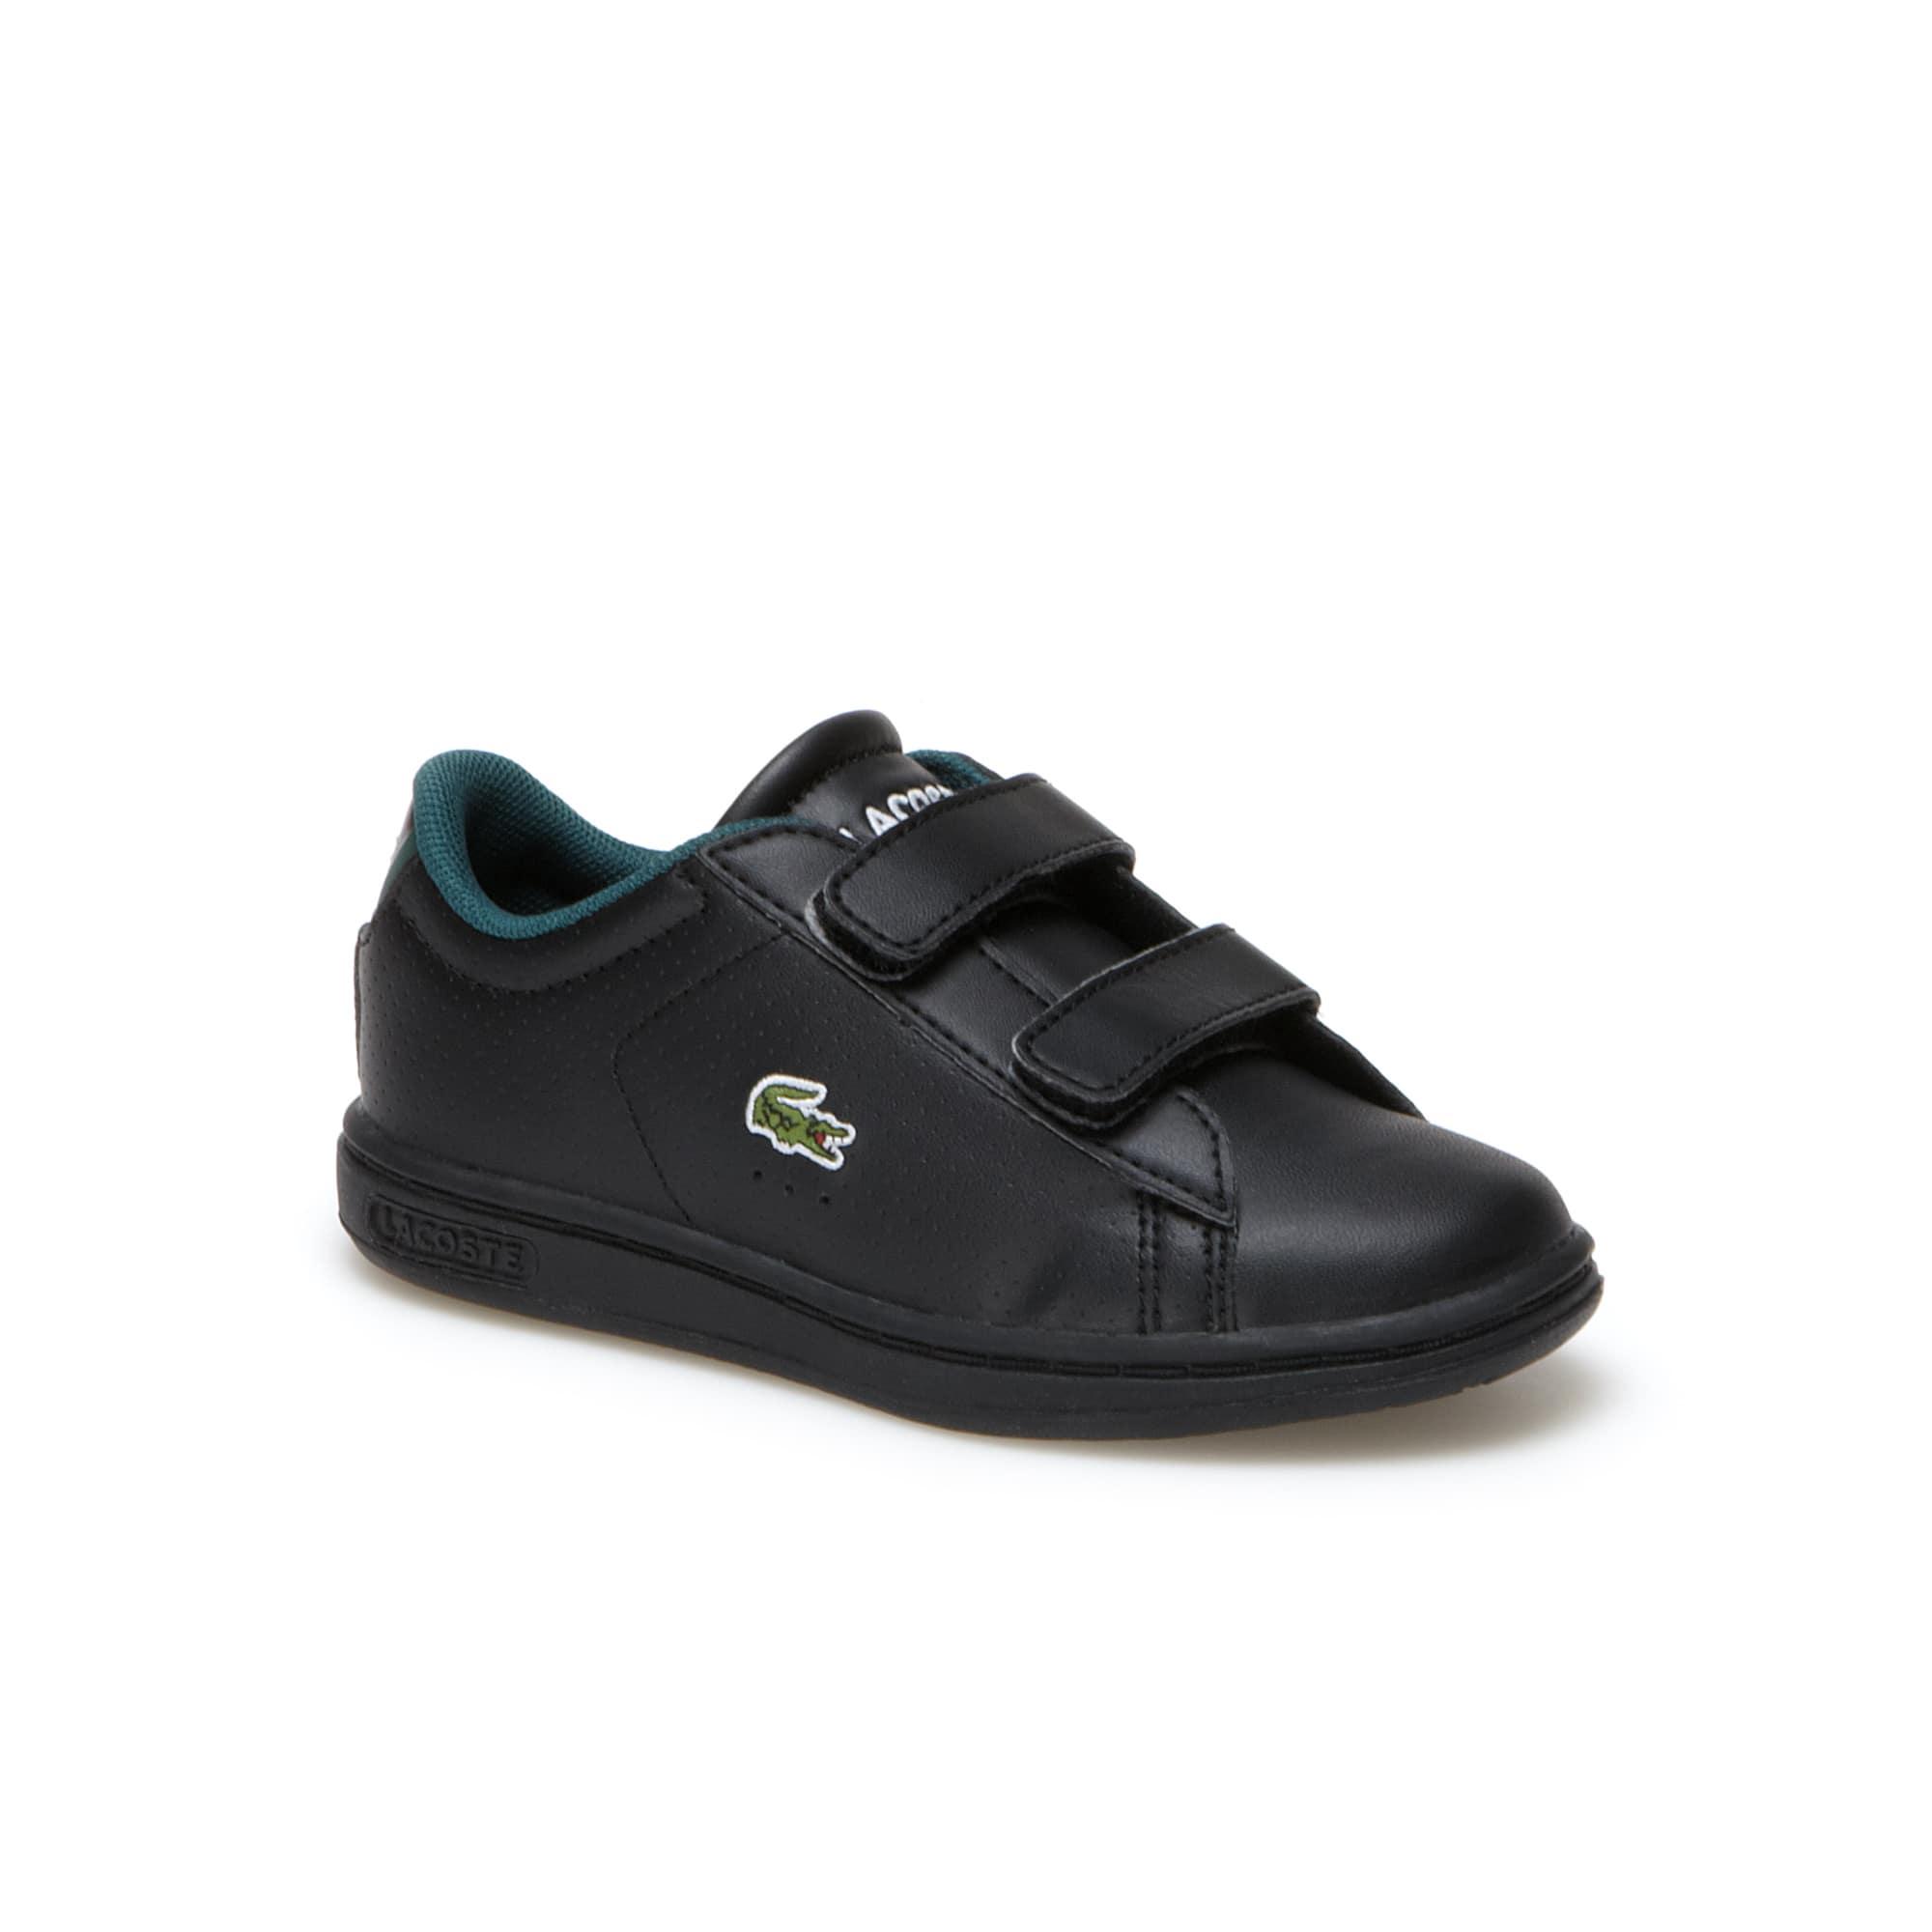 Sneakers Carnaby Evo con cinghiette velcro